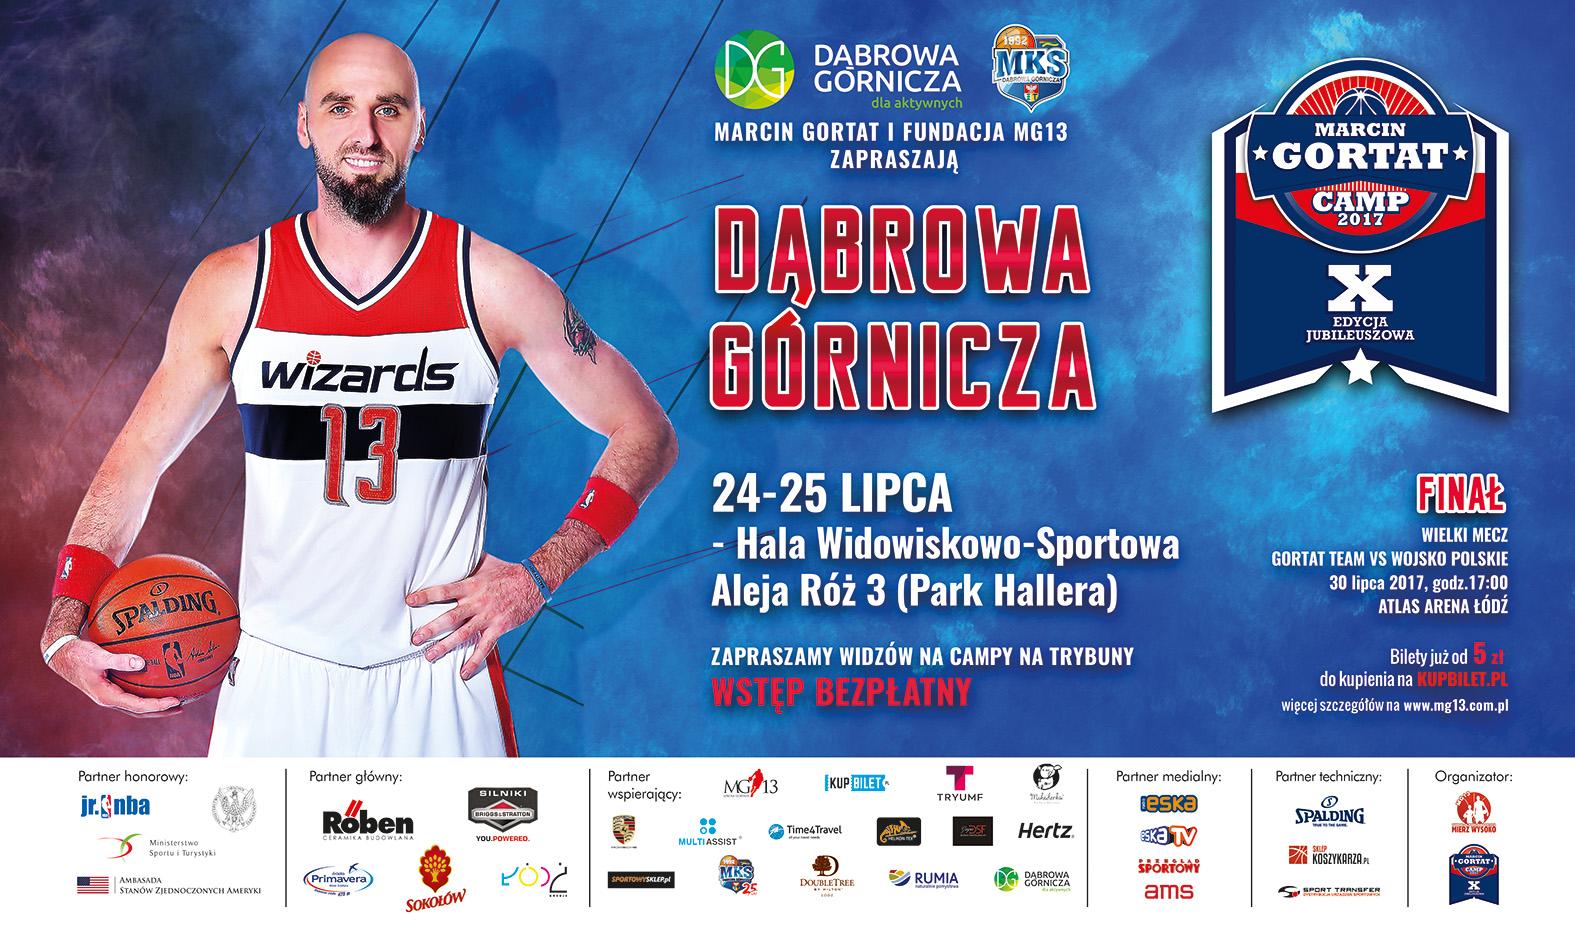 Gortat camp 2017 plakat campowy 500x300_Dabrowa_CMYK